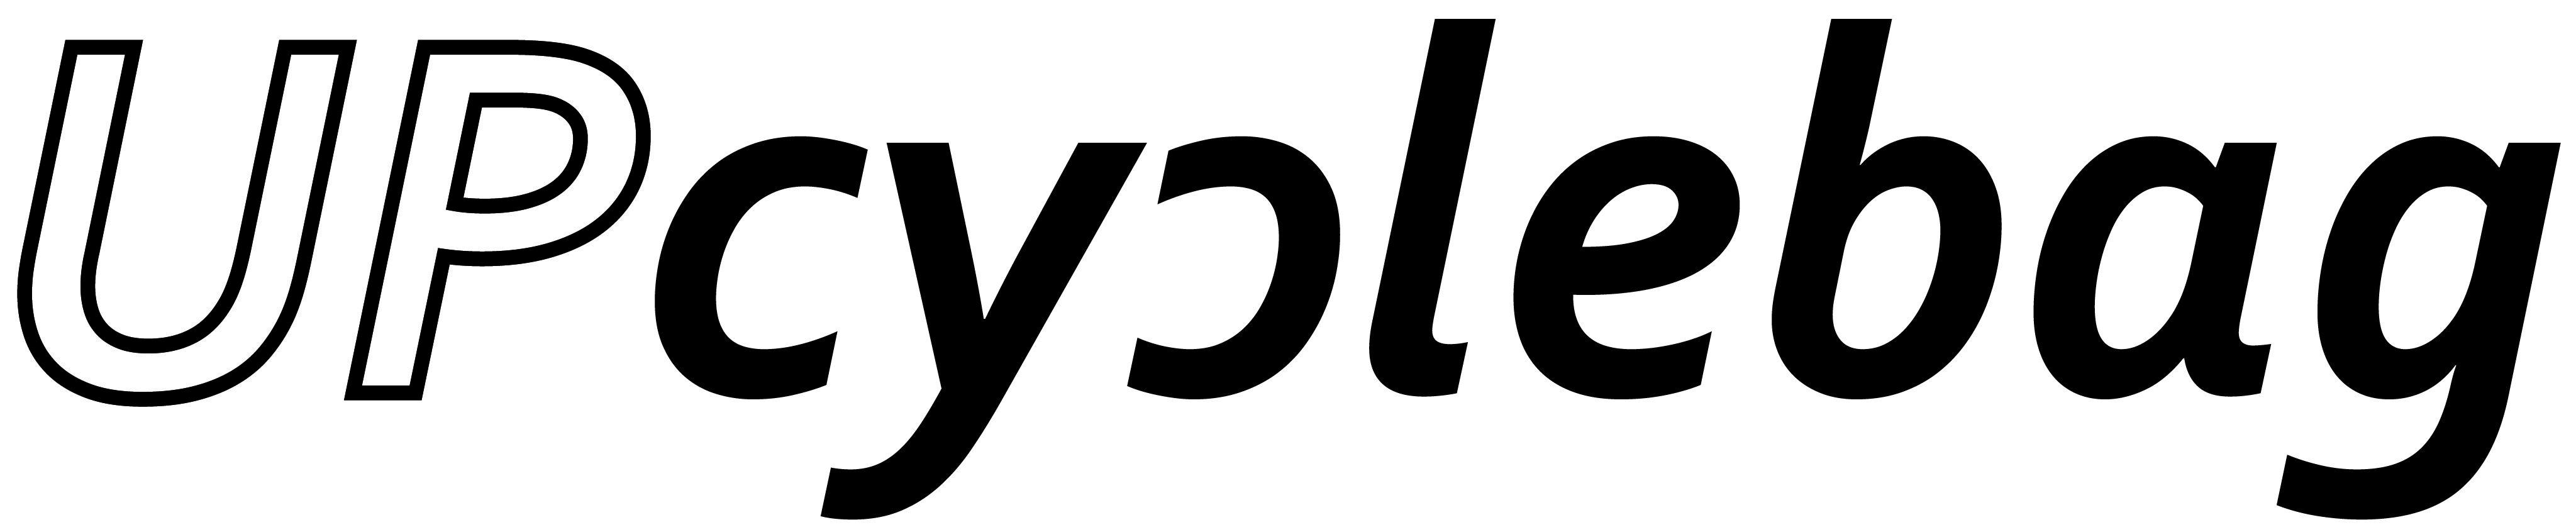 Cyclebag